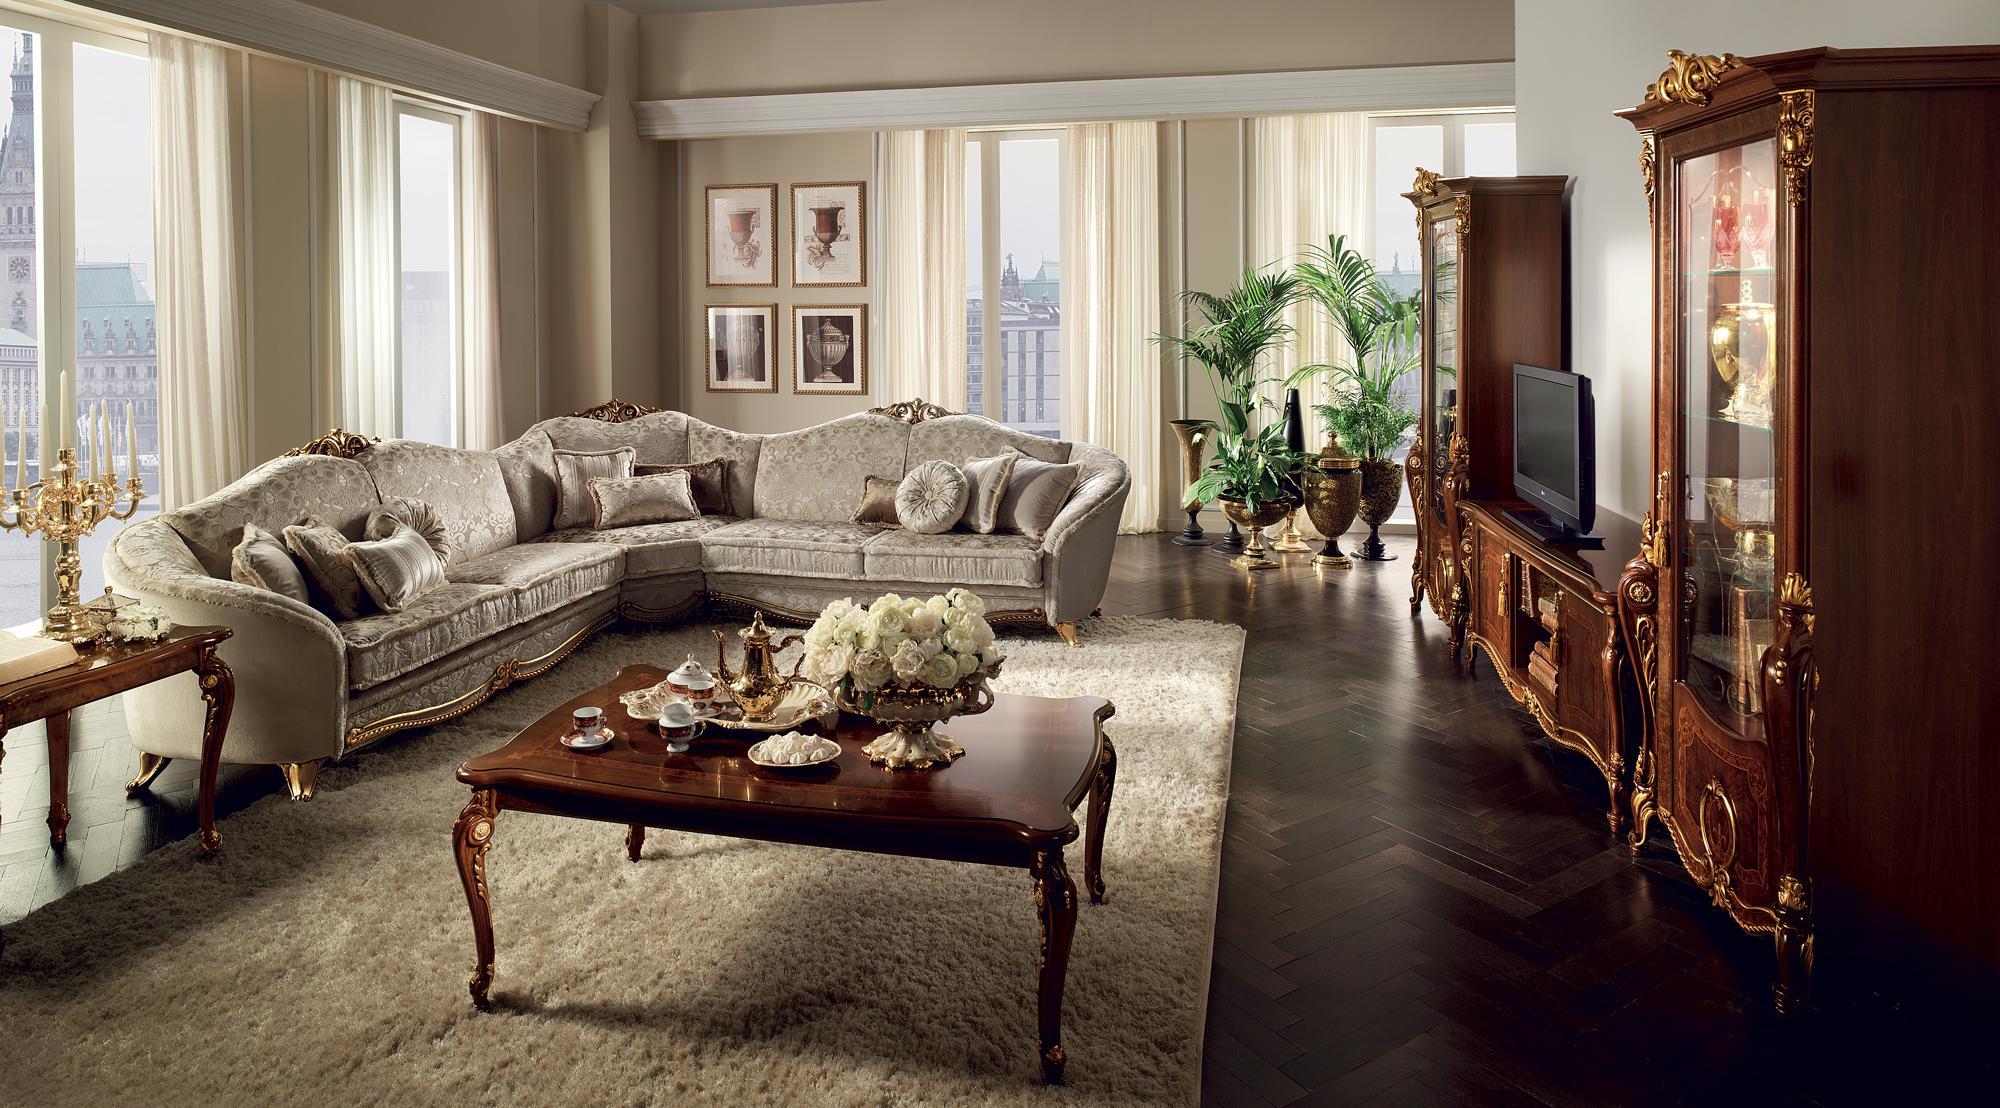 Klassische Design Couch Ecksofa Wohnlandschaft Sofa Polster Sitz arredoclassic™